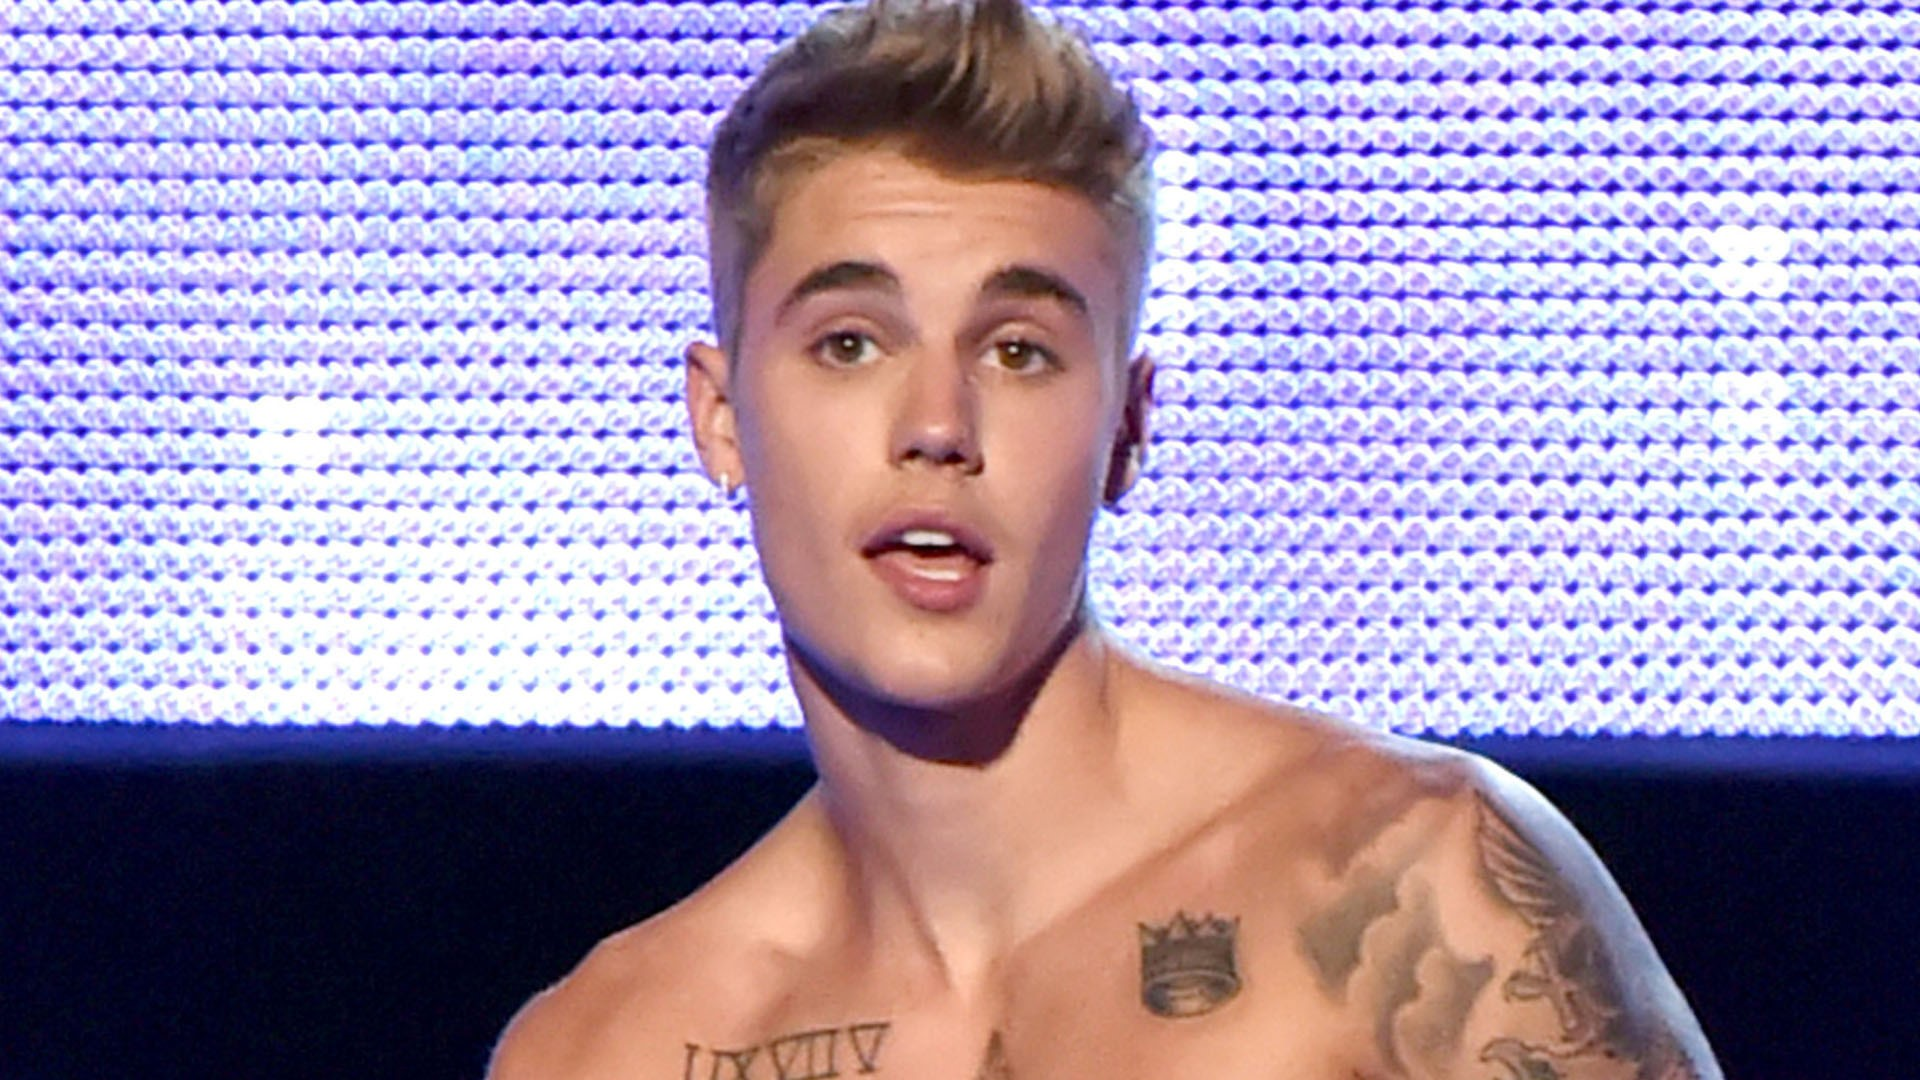 Justin Bieber Background images